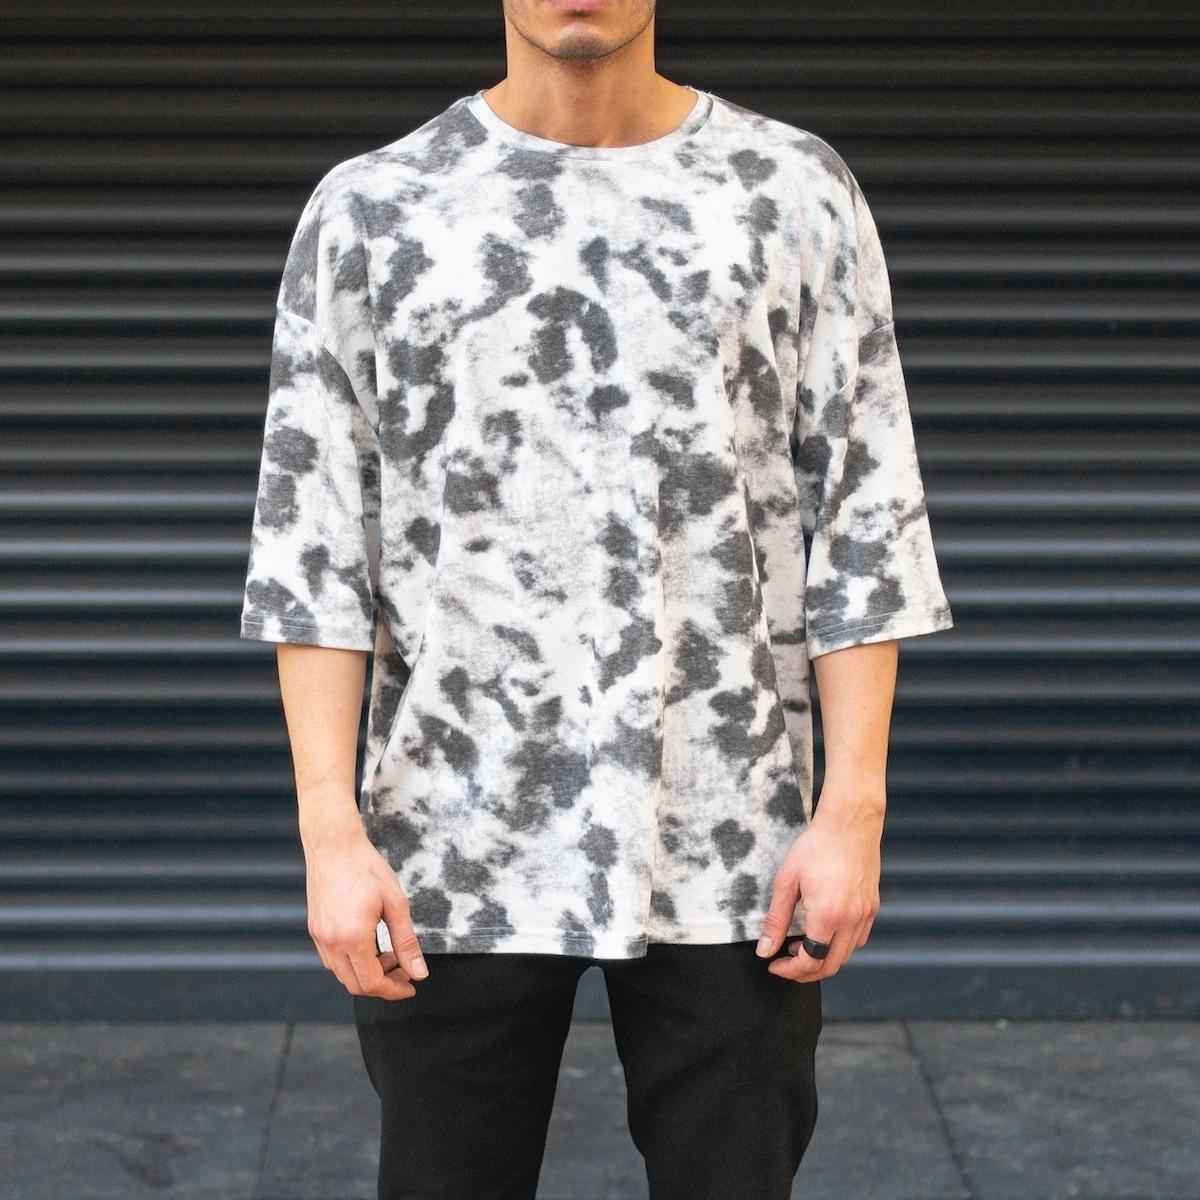 Erkek Yuvarlak Yaka Oversize T-Shirt Batik Desen Gri & Beyaz